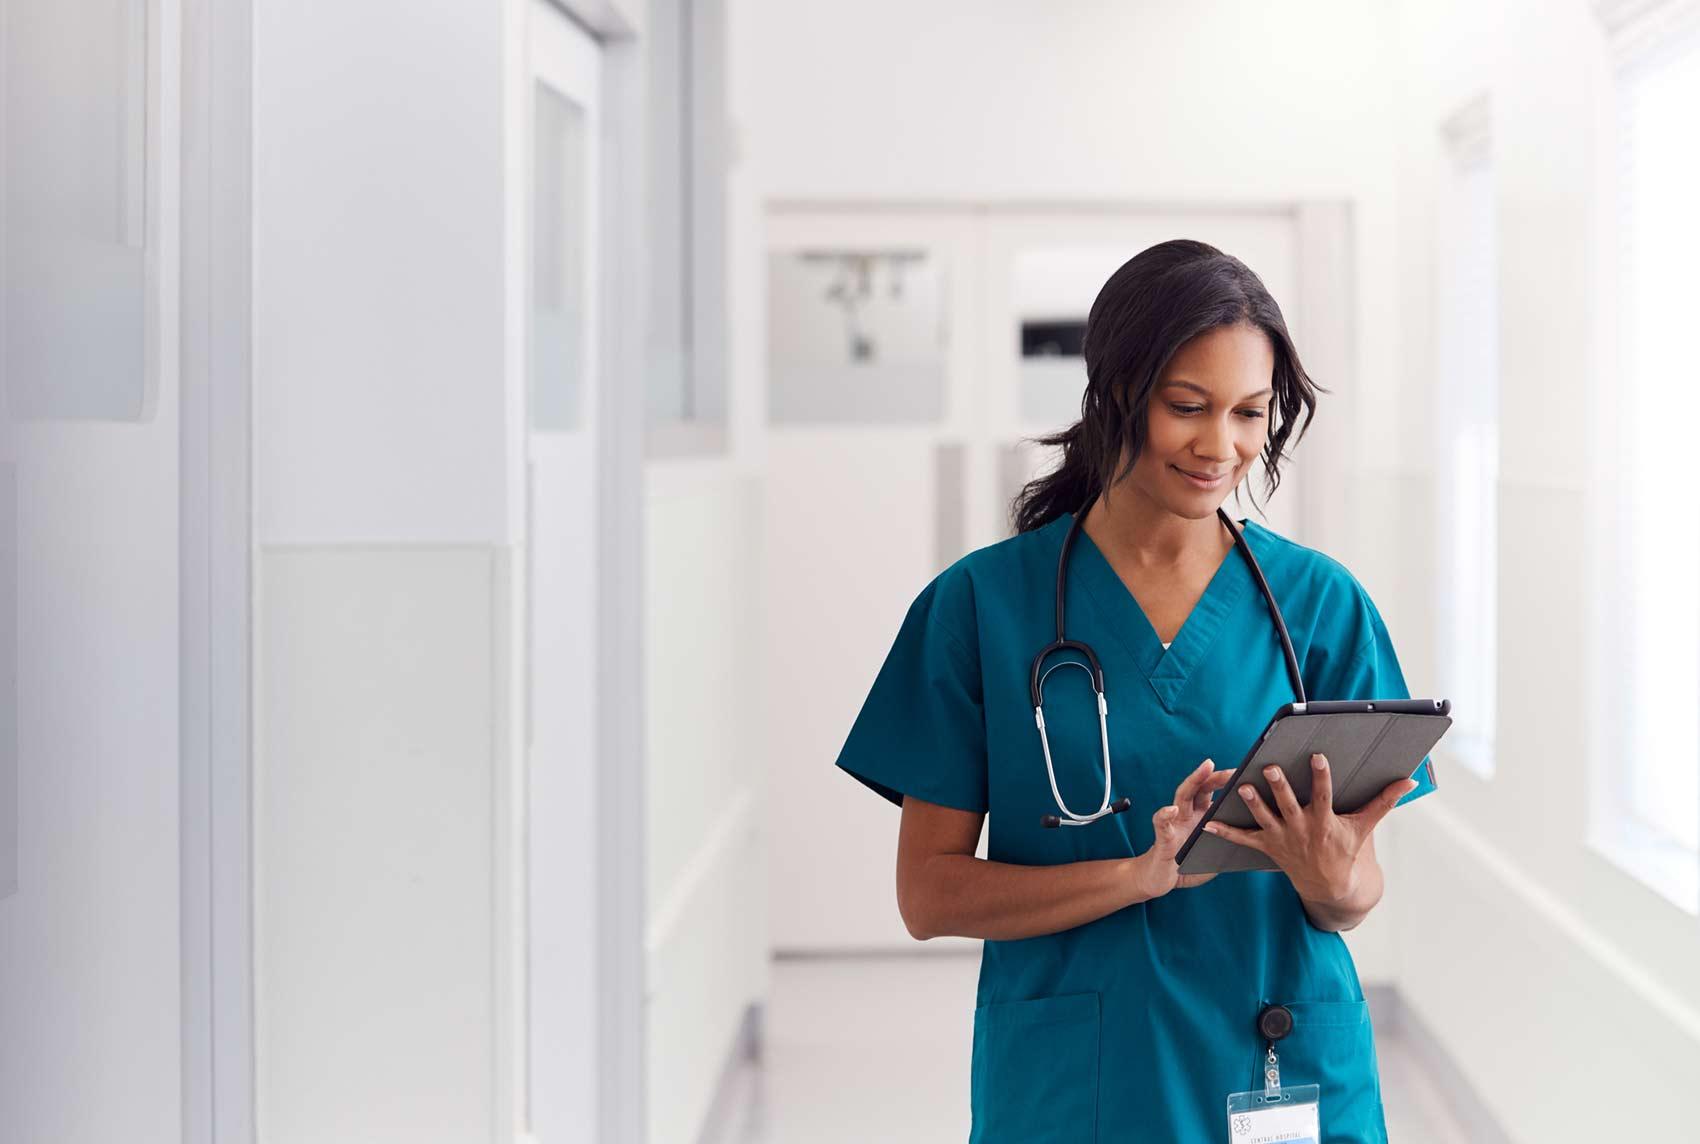 Ärztin mit Tablet in der Hand trägt OP-Bekleidung